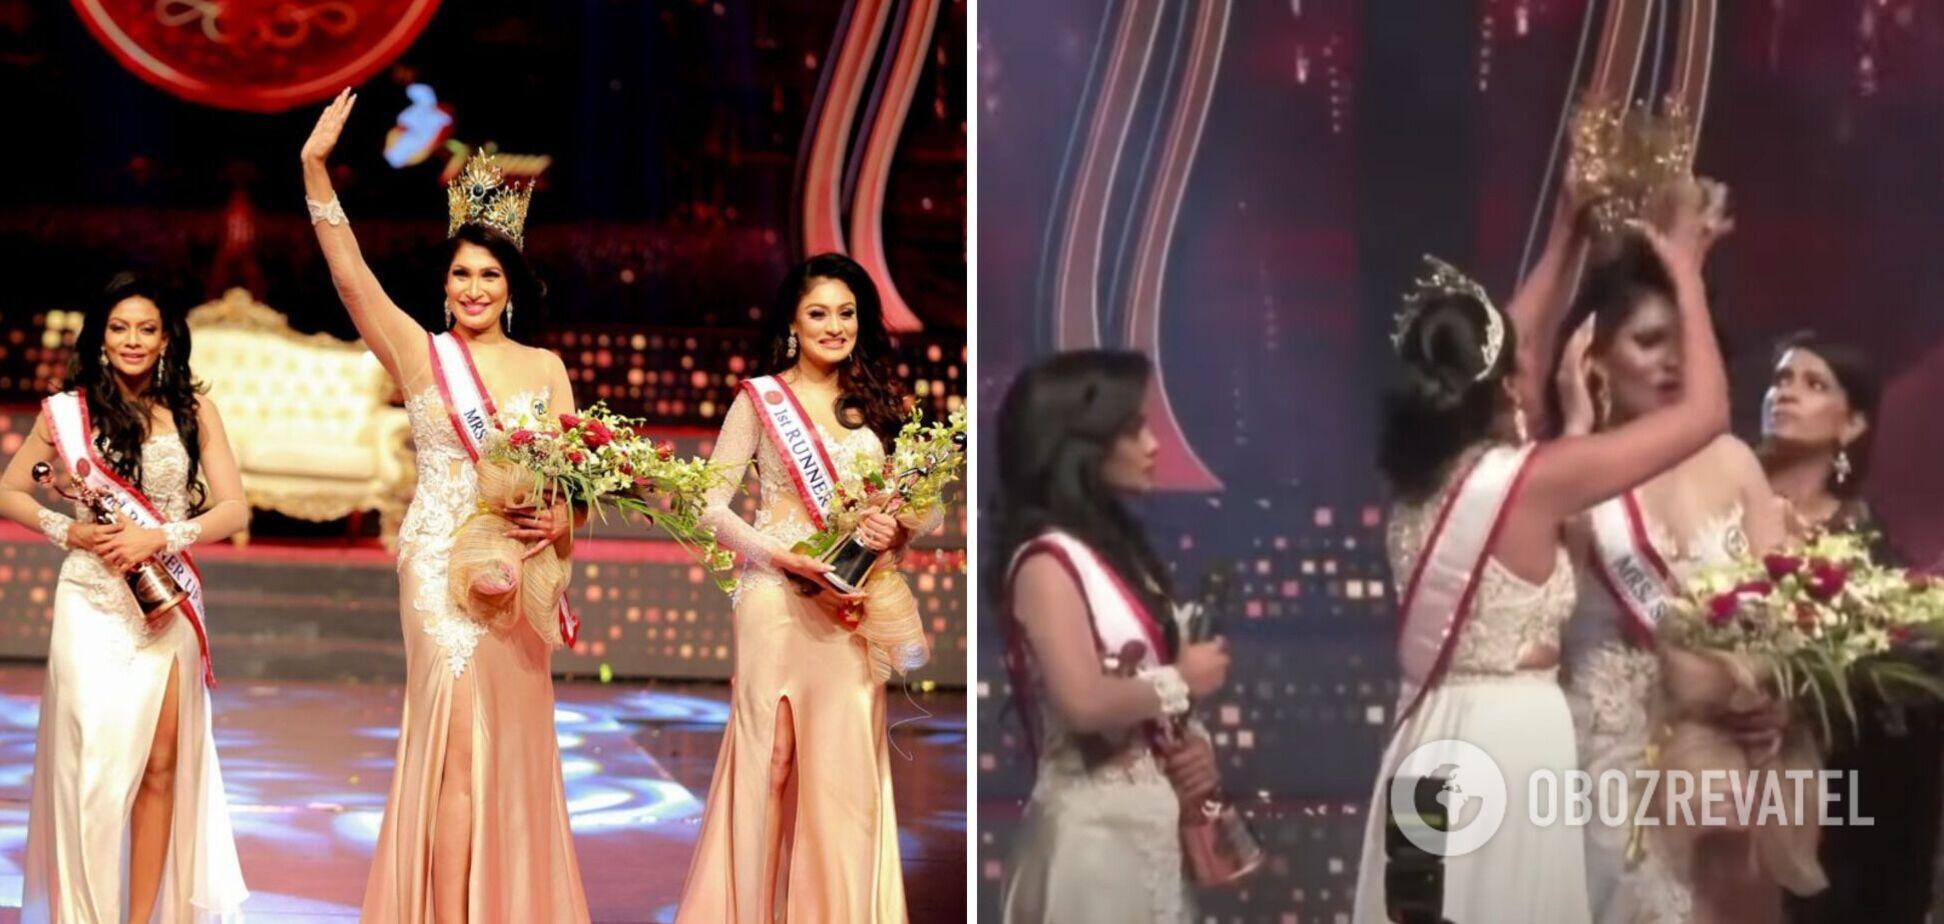 На конкурсі 'Місіс Шрі-Ланка' з переможниці зірвали корону. Відео